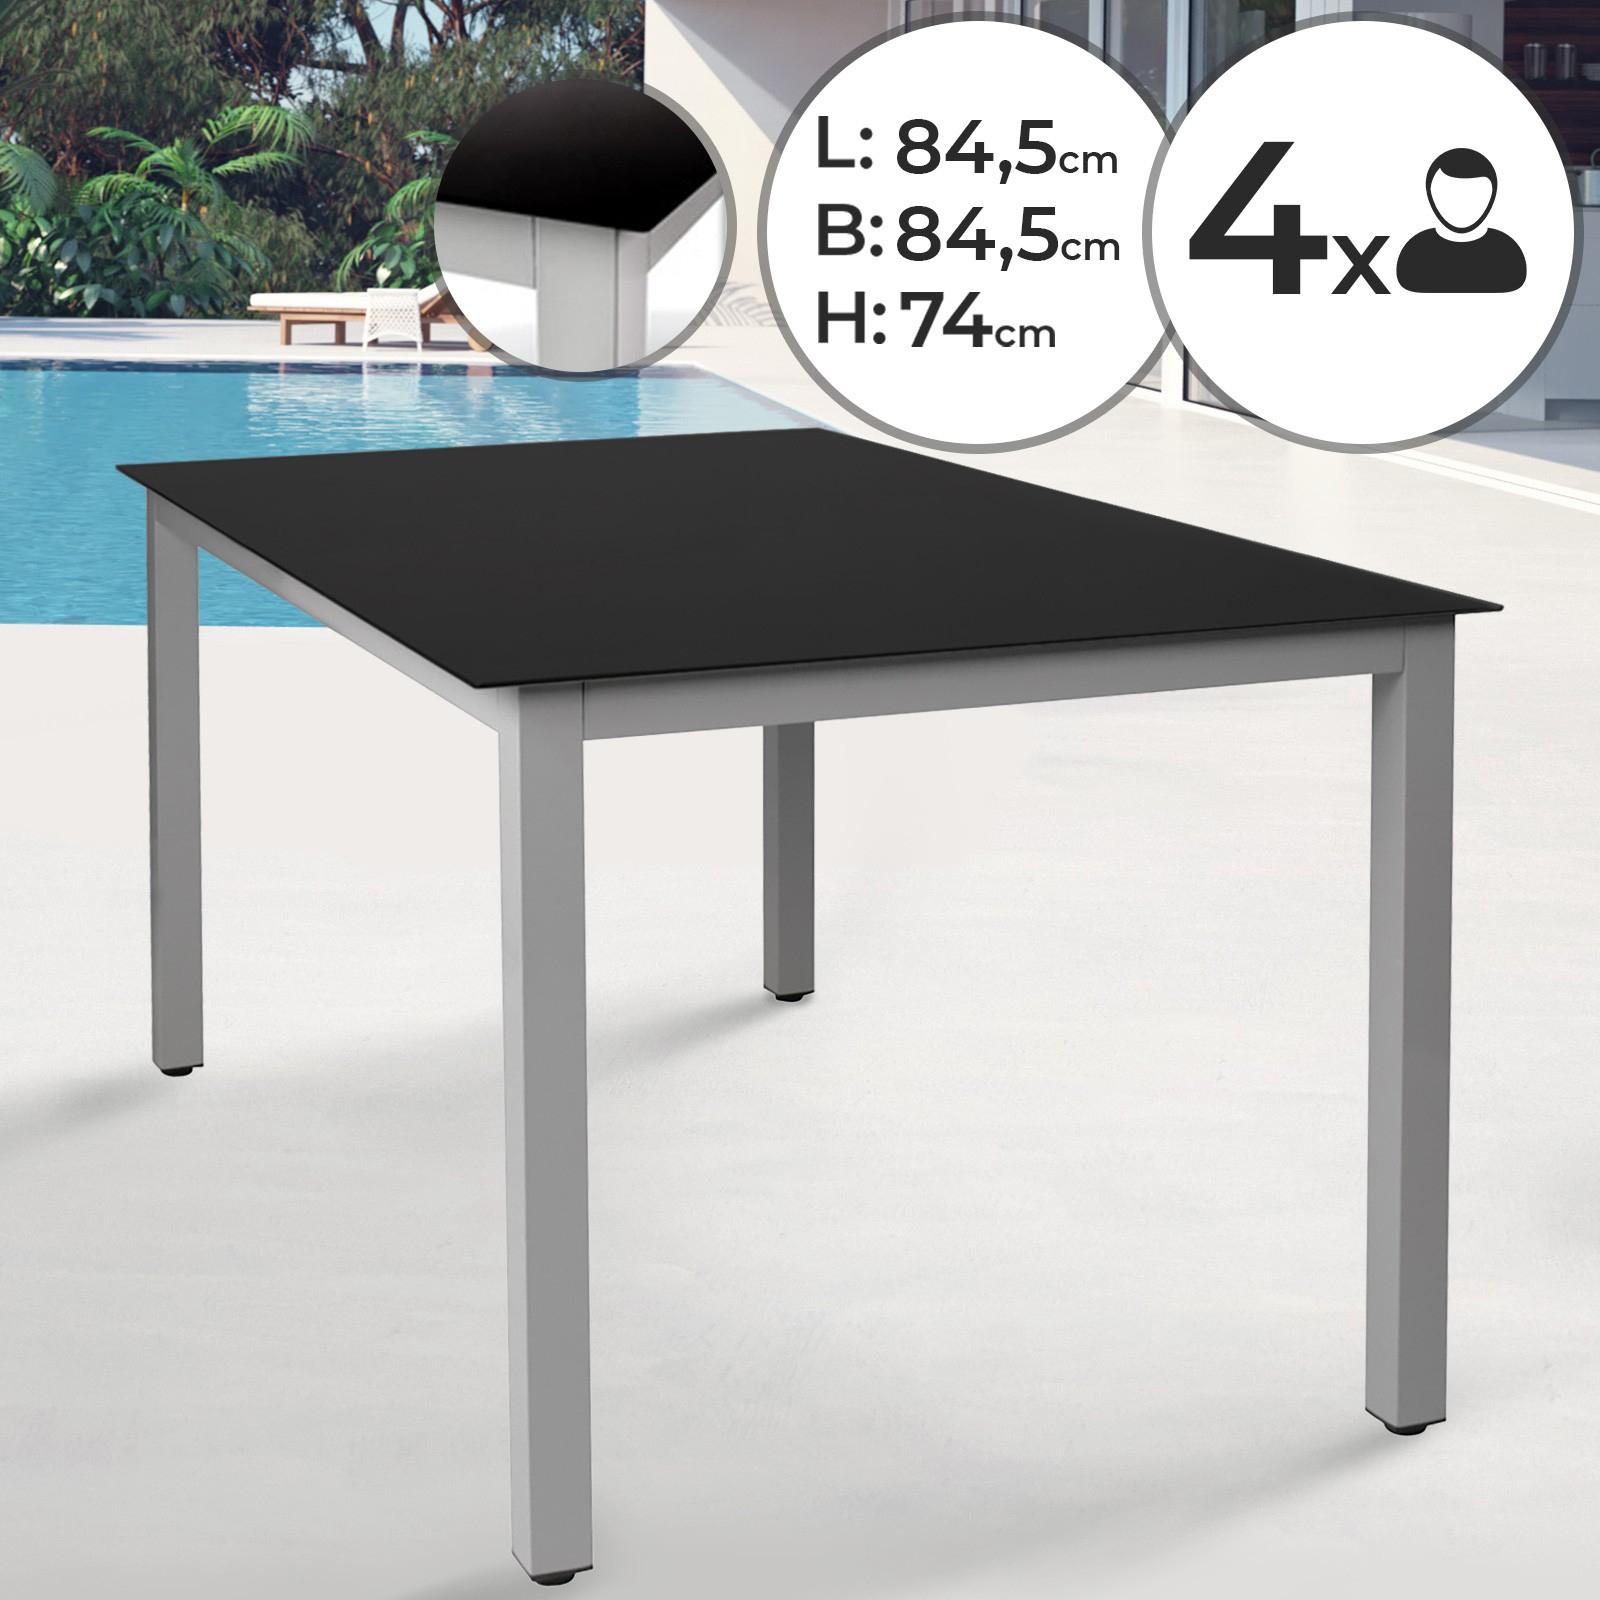 Détails Sur Table De Jardin Aluminium 84,5X84,5X74 Cm Terrasse Balcon  Mobilier D'extérieur concernant Table Jardin 4 Personnes